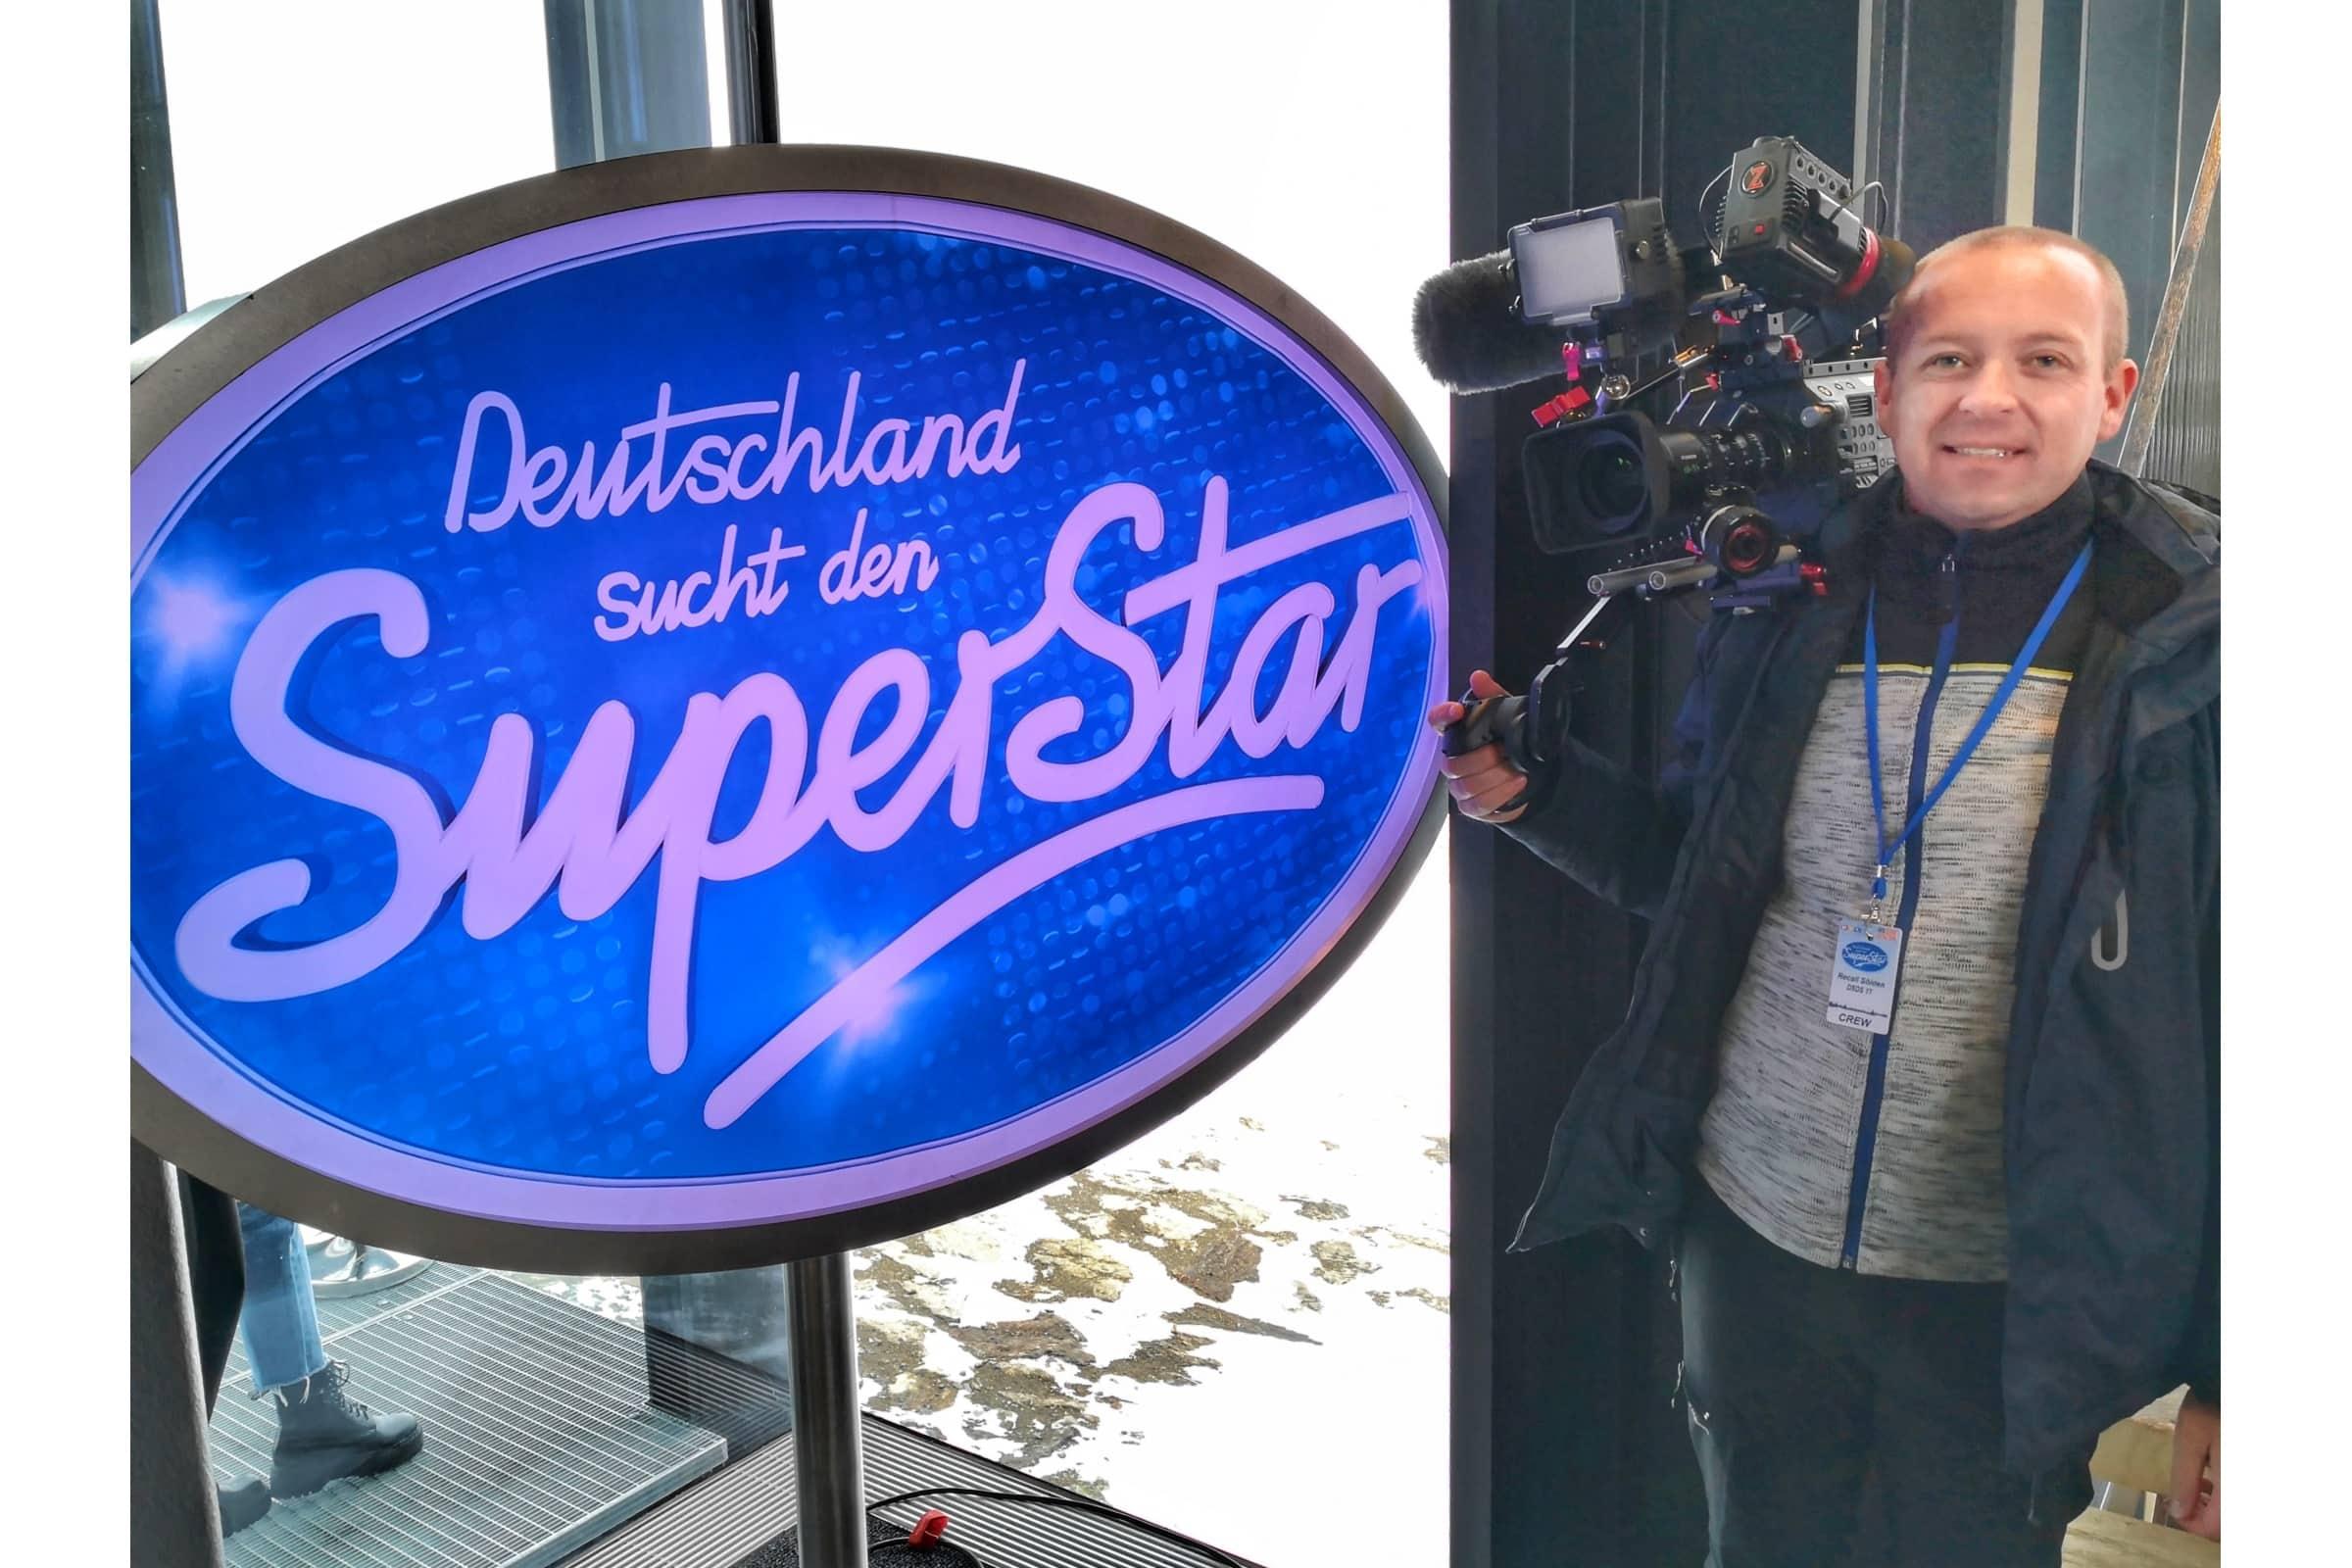 andreas felder kameramann dreharbeiten DSDS2020 RTL 05 07.10.2019 15 42 15 1 - RTL DSDS Deutschland sucht den Superstar 2020